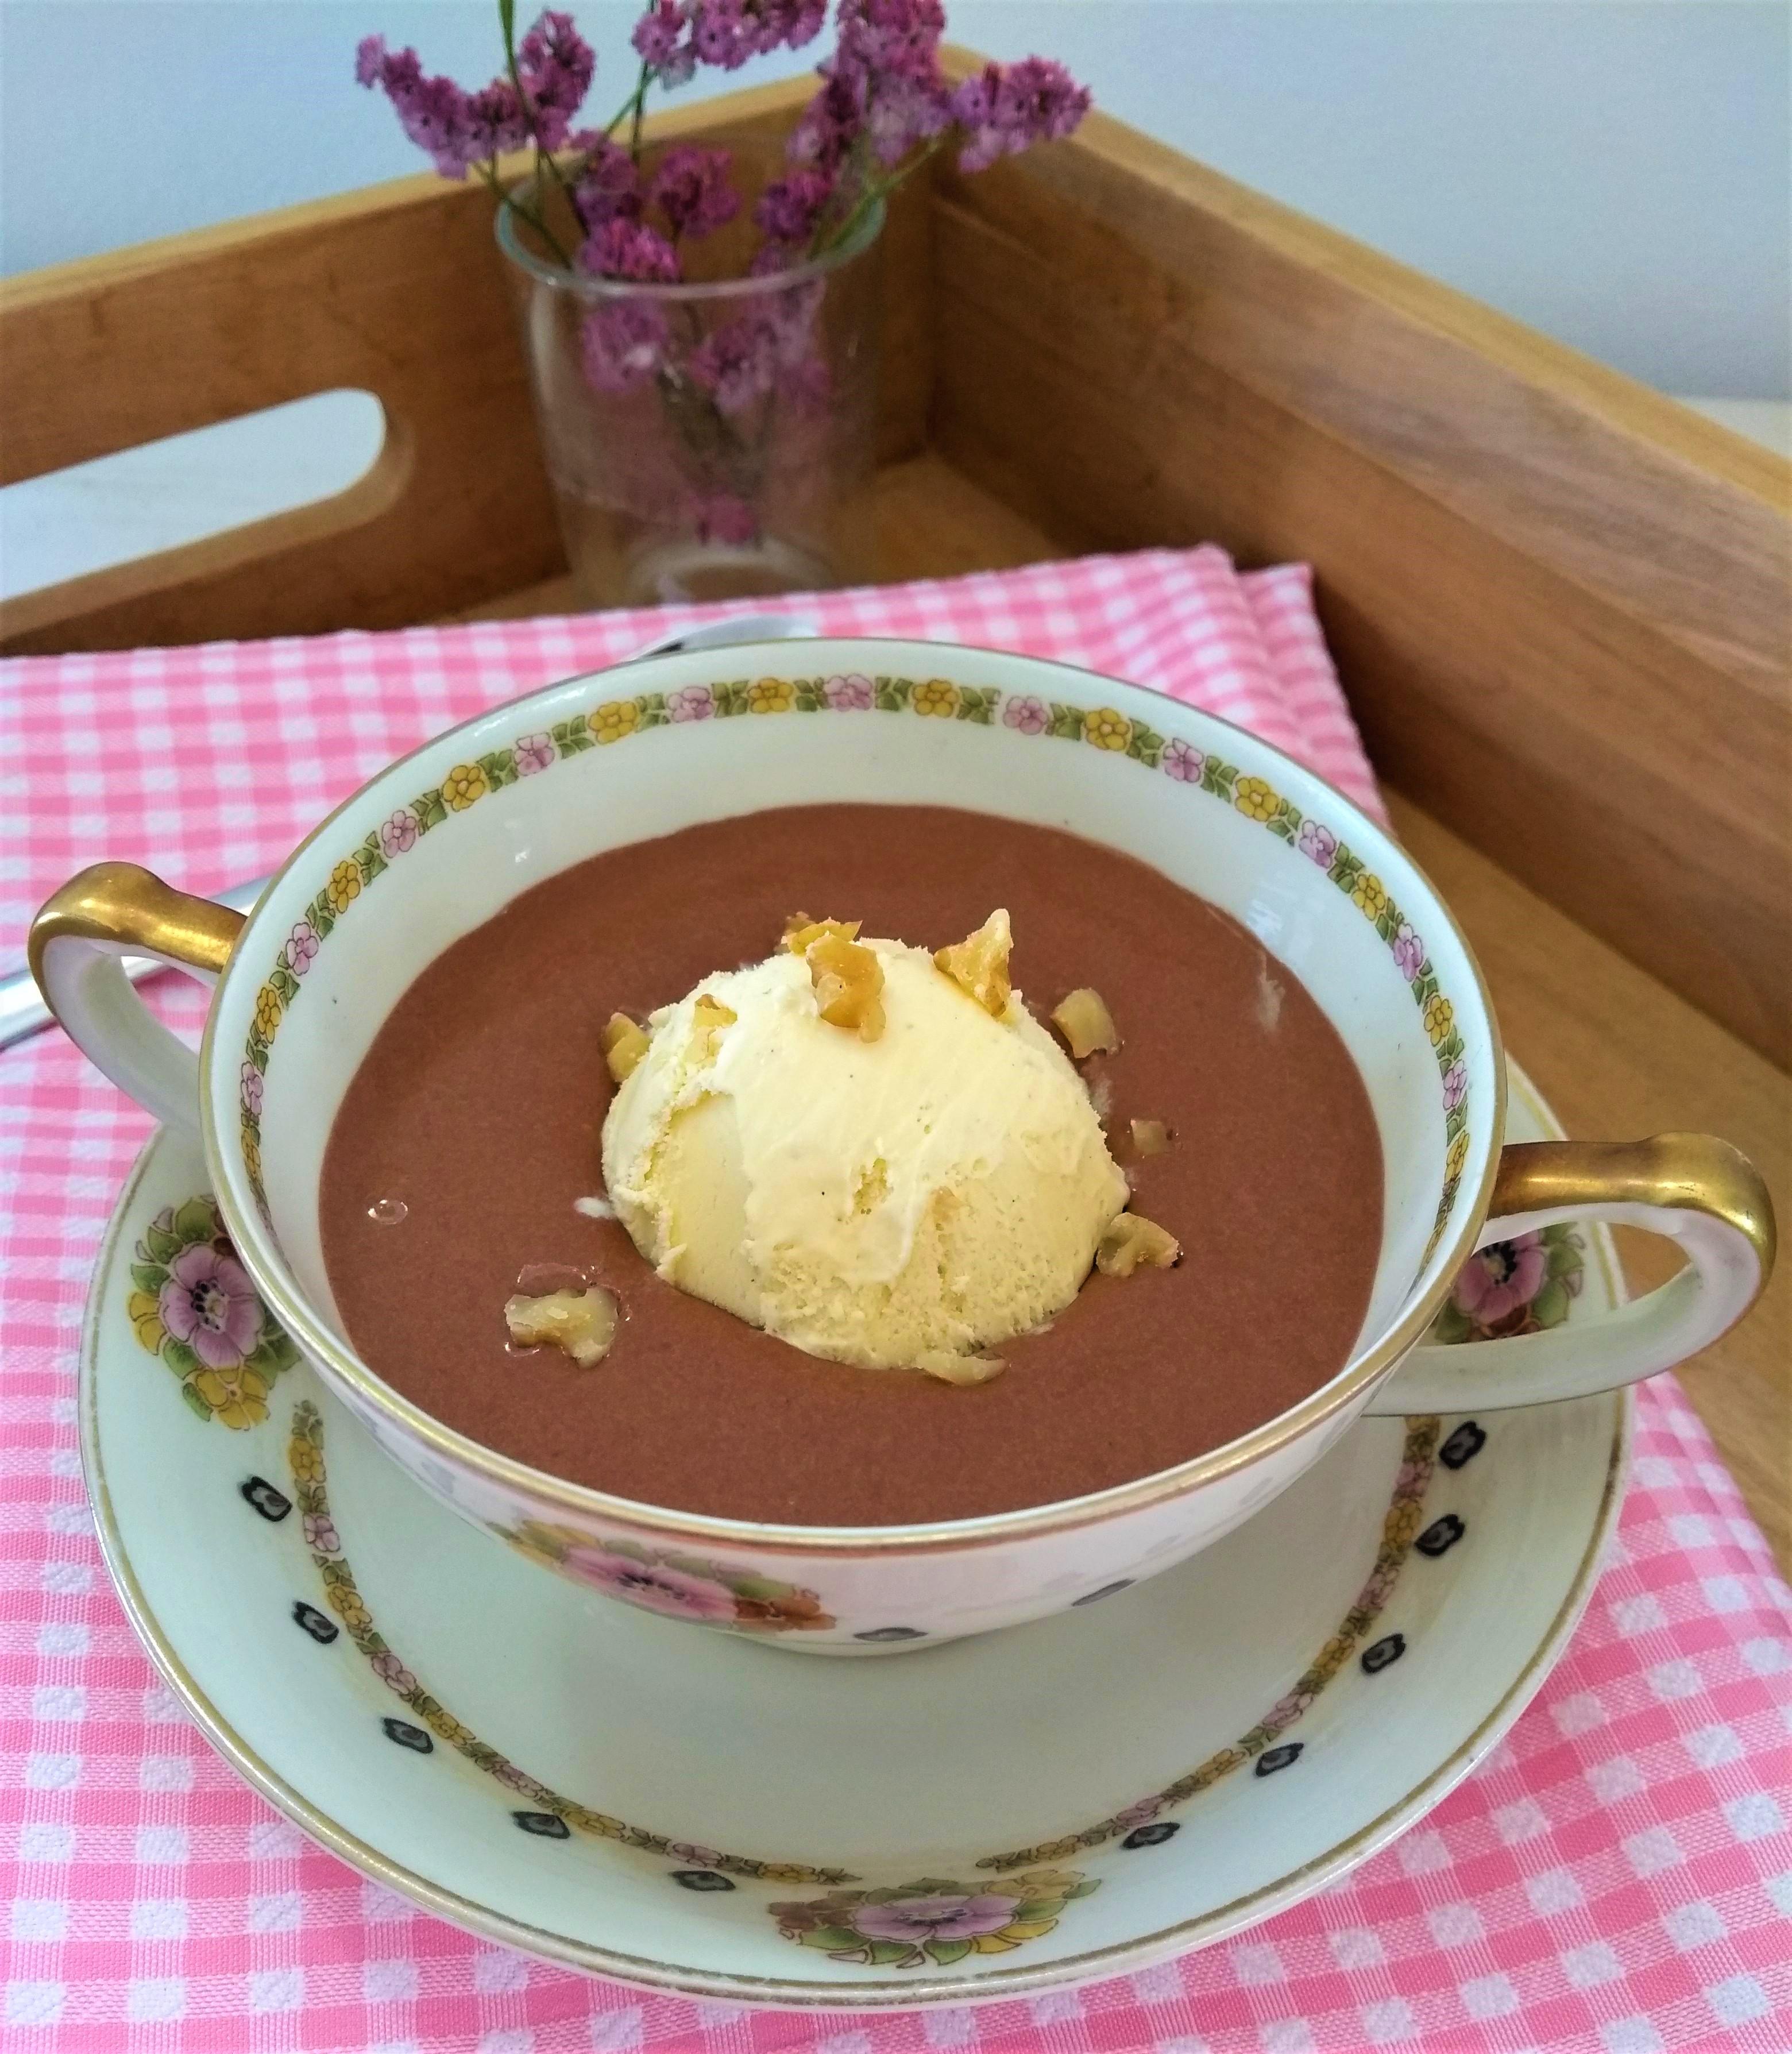 Chocoladesoep, het lekkerste chocoladedessert ooit!